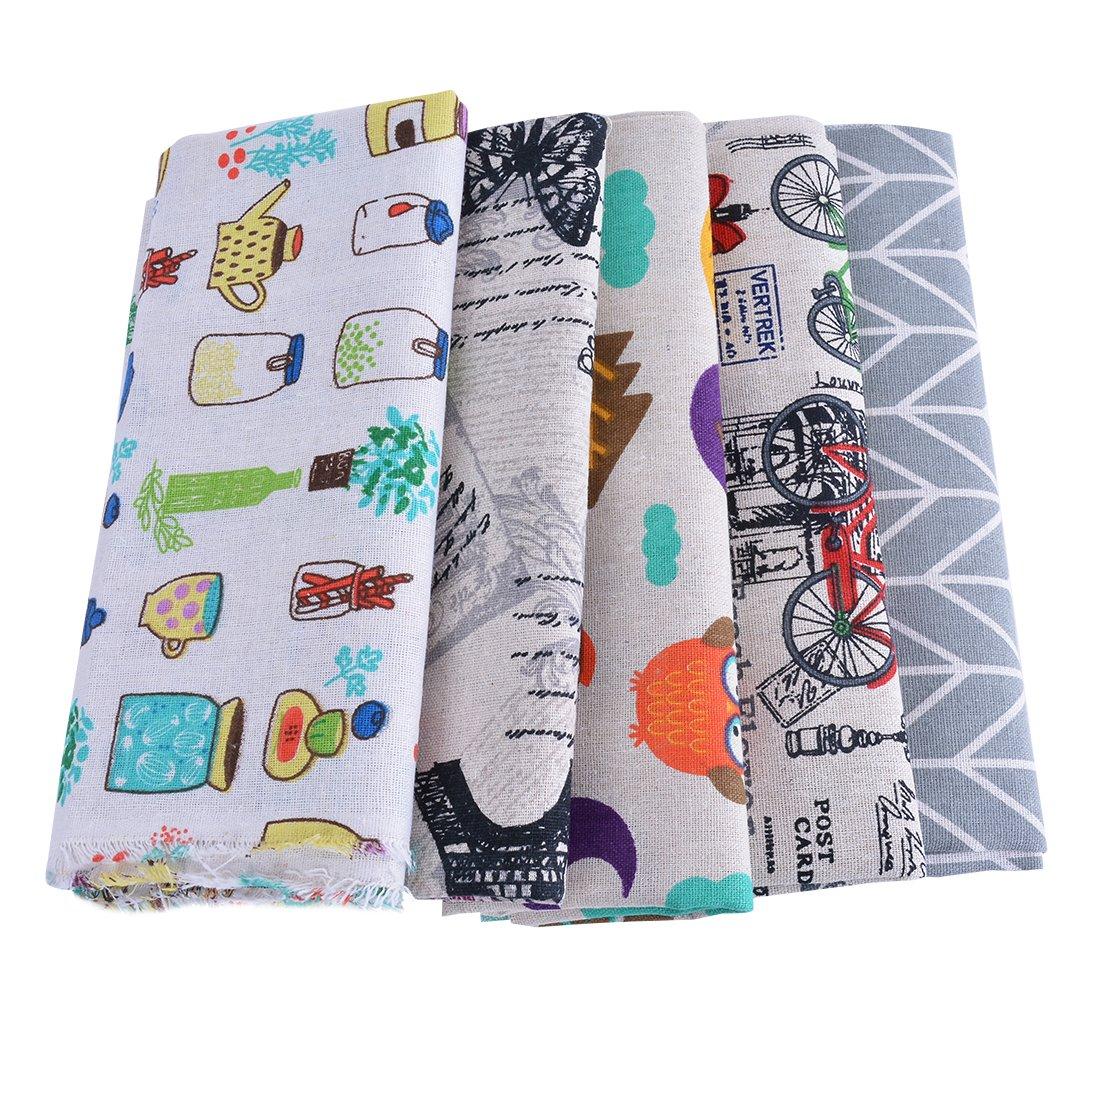 5PCs Tissu en Lin Imprimé Dessin Animé Bricolage Patchwork Vélo Papillon Hibou Coupon DIY Quilting Loisir Créatifs Textile Artisanat Bundle Écologique Couture Scrapbooking 100x 50cm Cysincos